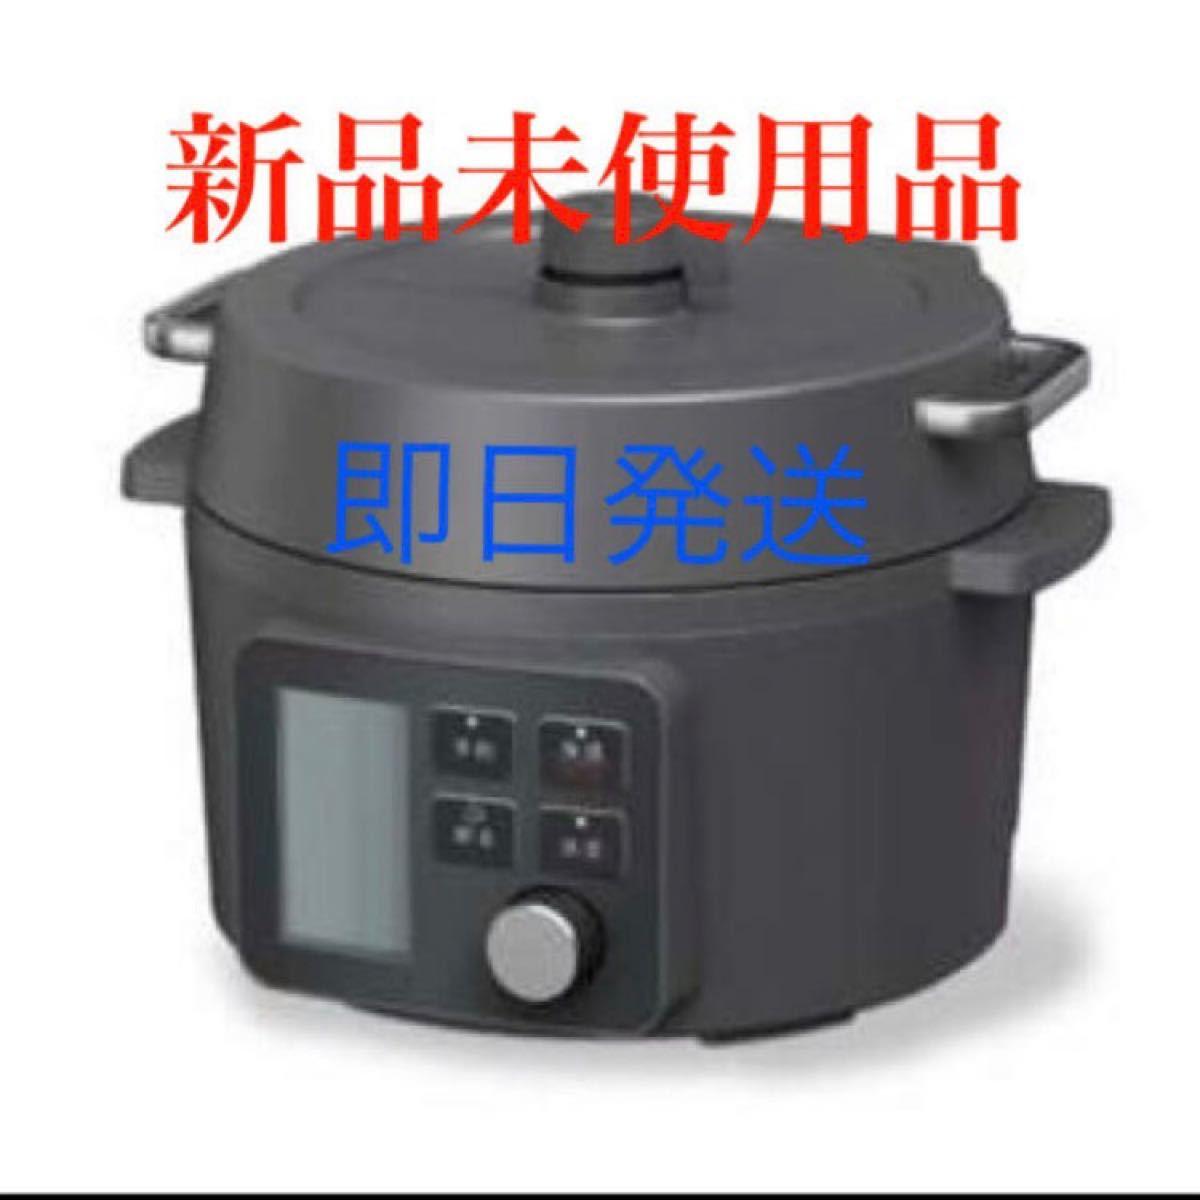 アイリスオーヤマ 電気圧力鍋 2.2L KPCMA2B